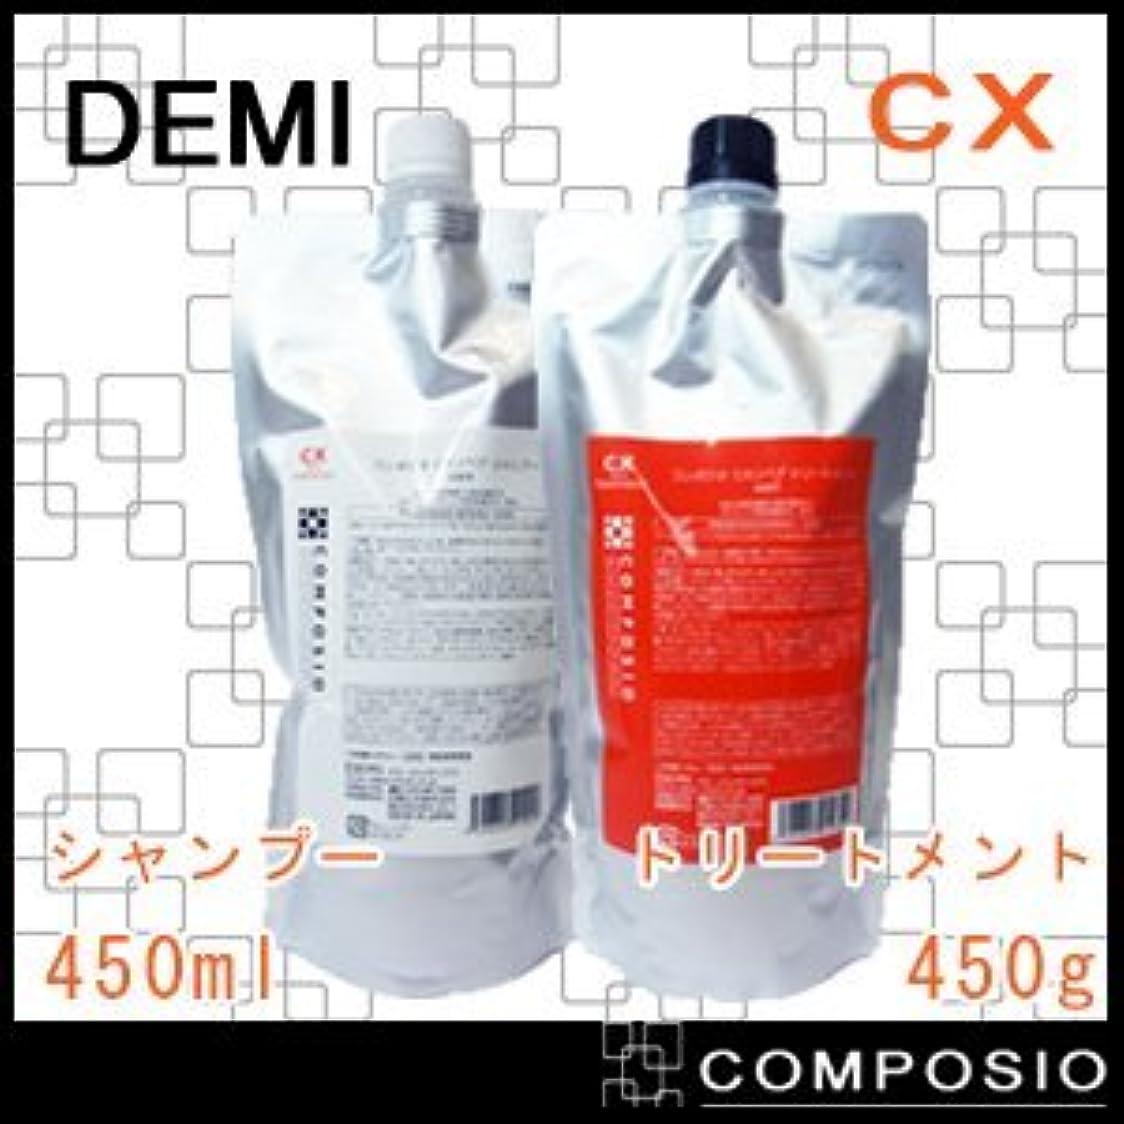 安いです大胆不敵小麦粉デミ コンポジオ CXリペアシャンプー&トリートメント 詰め替え セット 450ml,450g